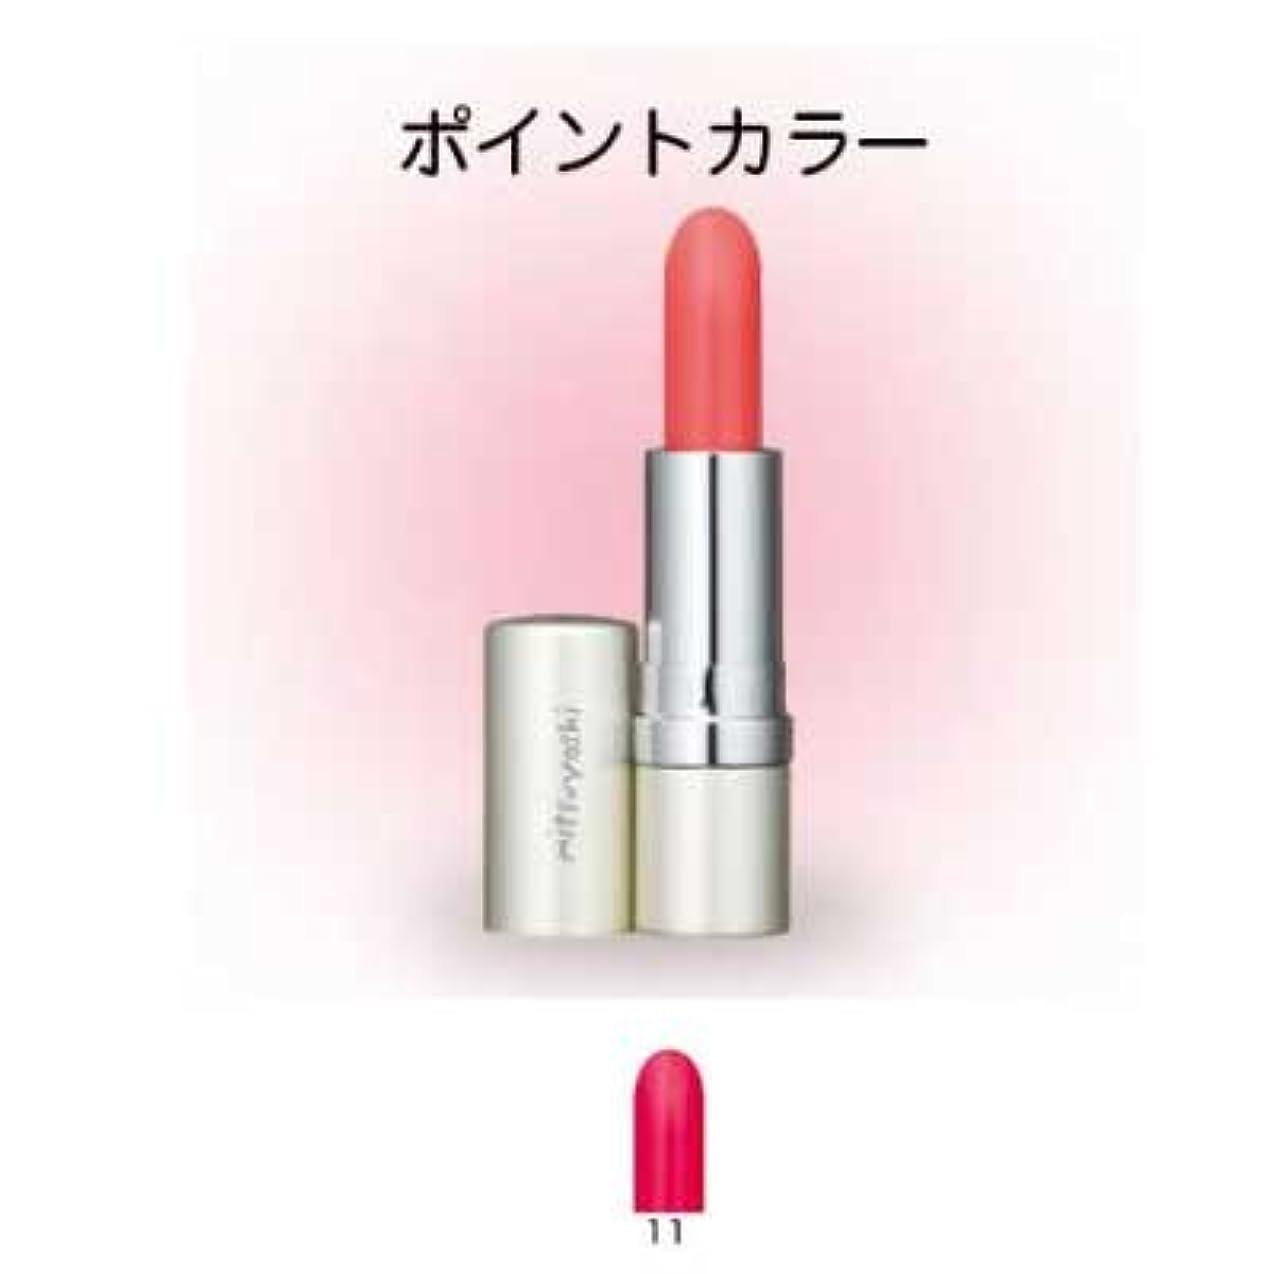 月ヒットメンタル三善 リップルージュ プロ 3.8g 11